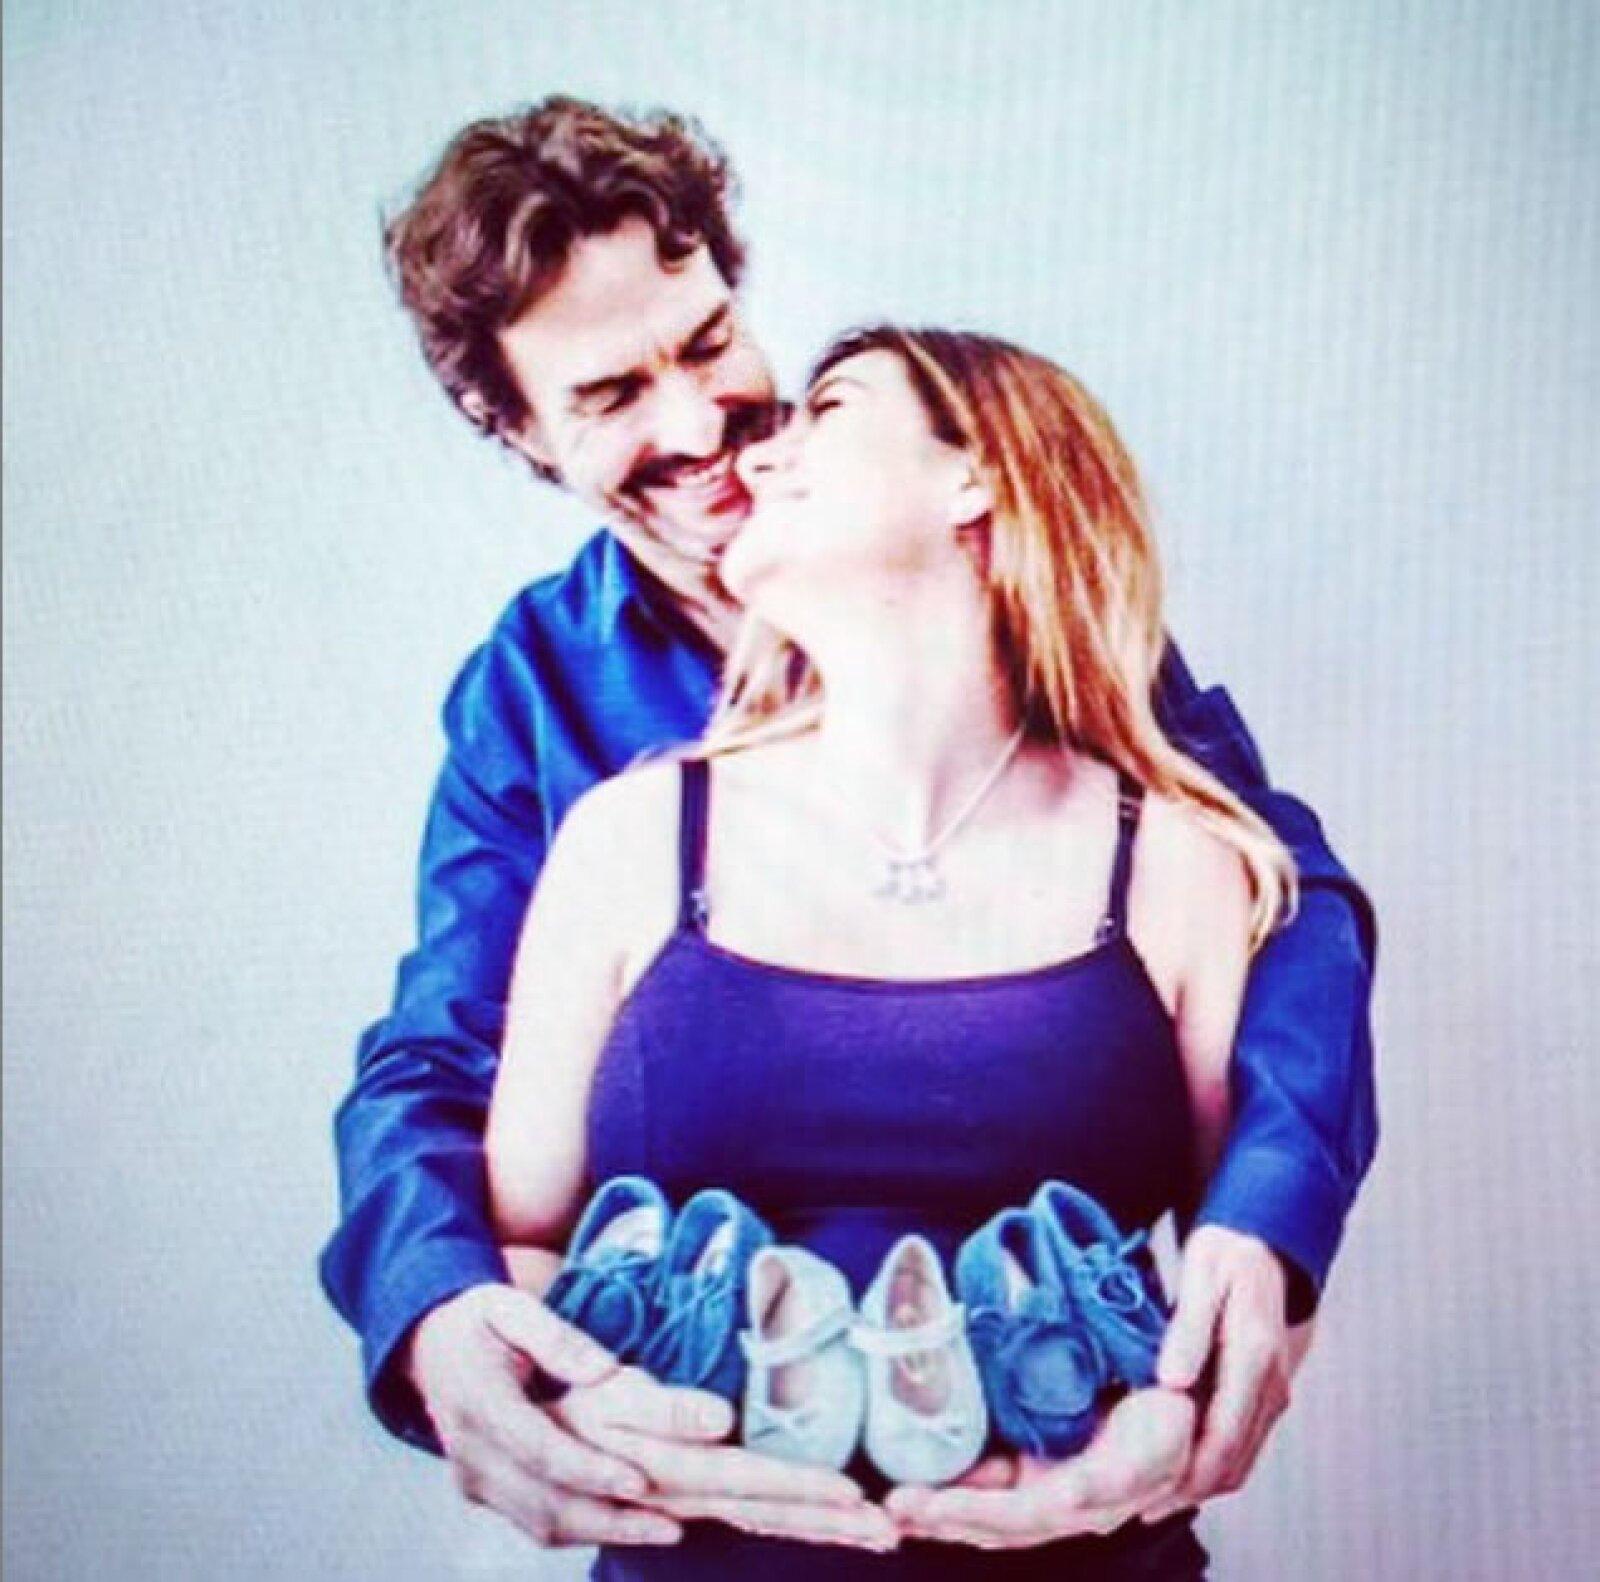 `Son la mejor aventura´, escribió la futura mamá junto a esta tierna foto con su esposo.